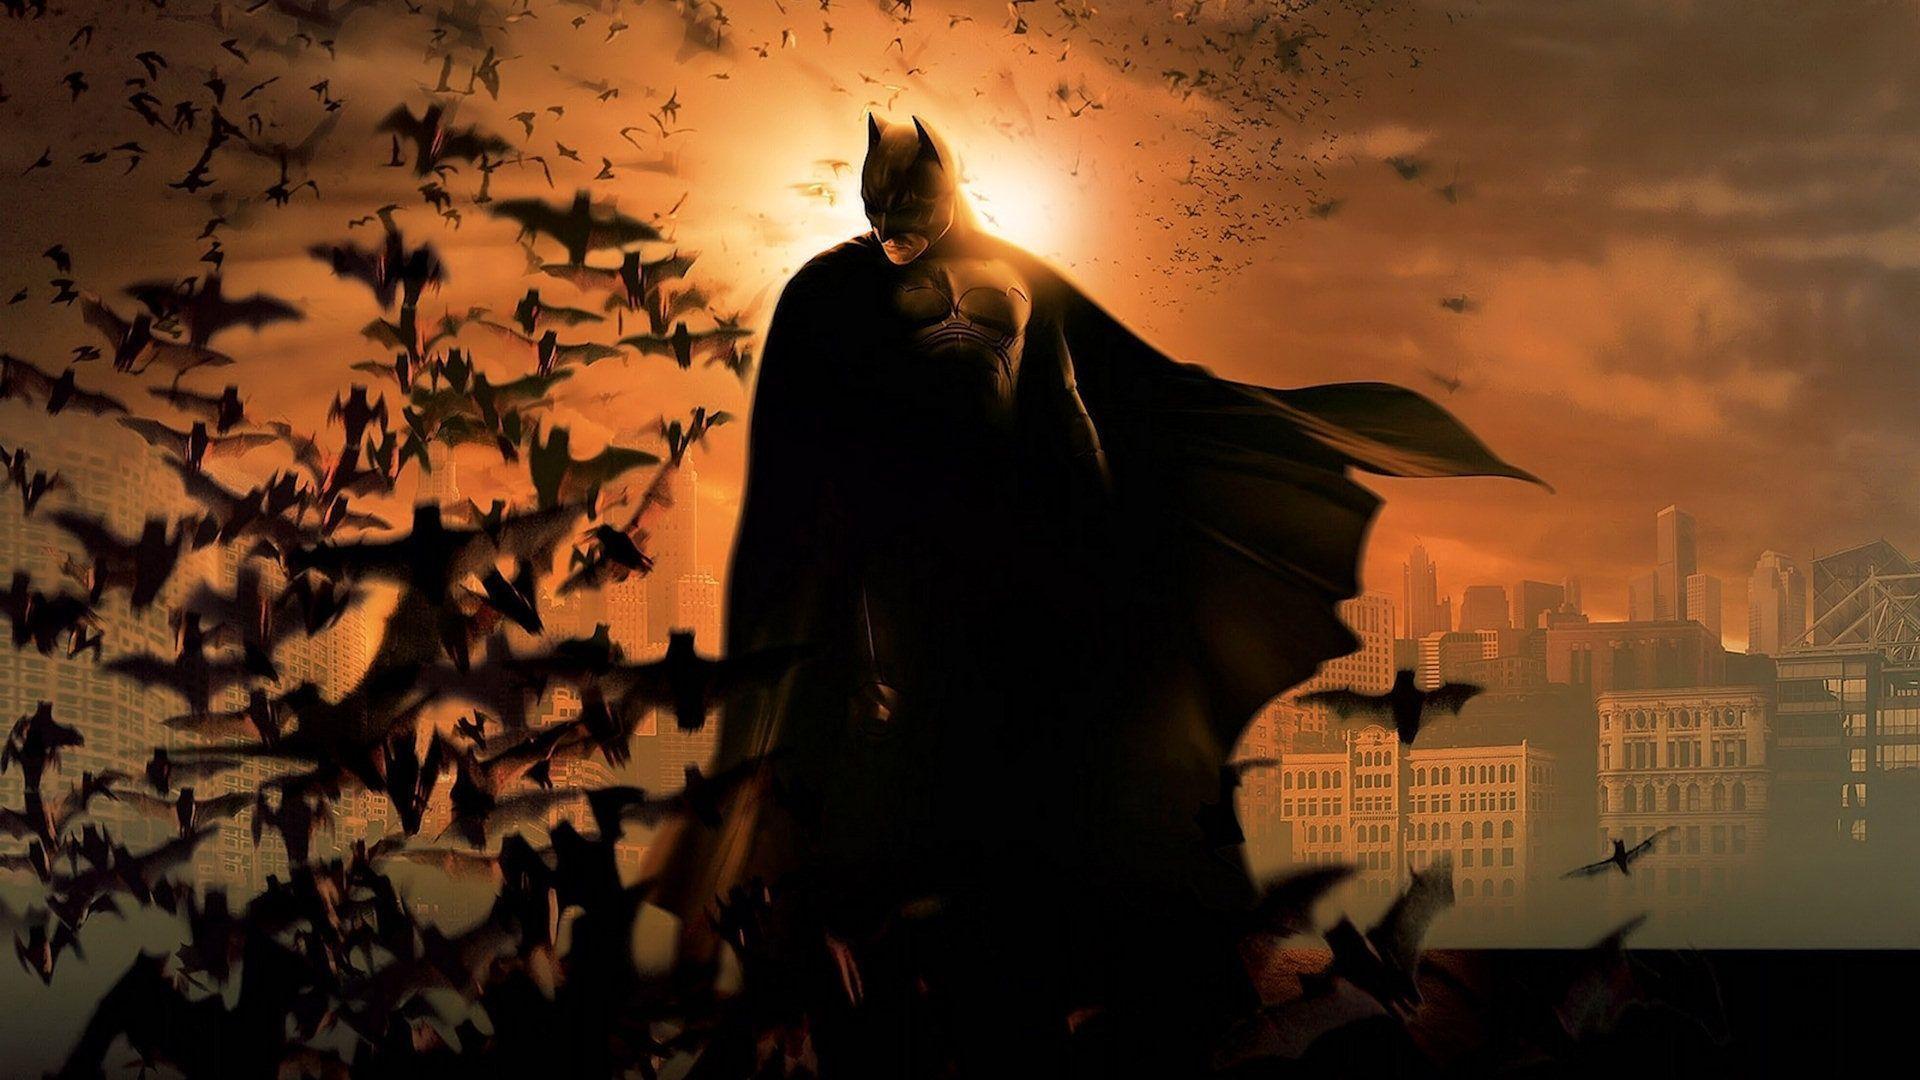 free batman hd wallpaper, 4k wallpaper for mobile 1920x1080